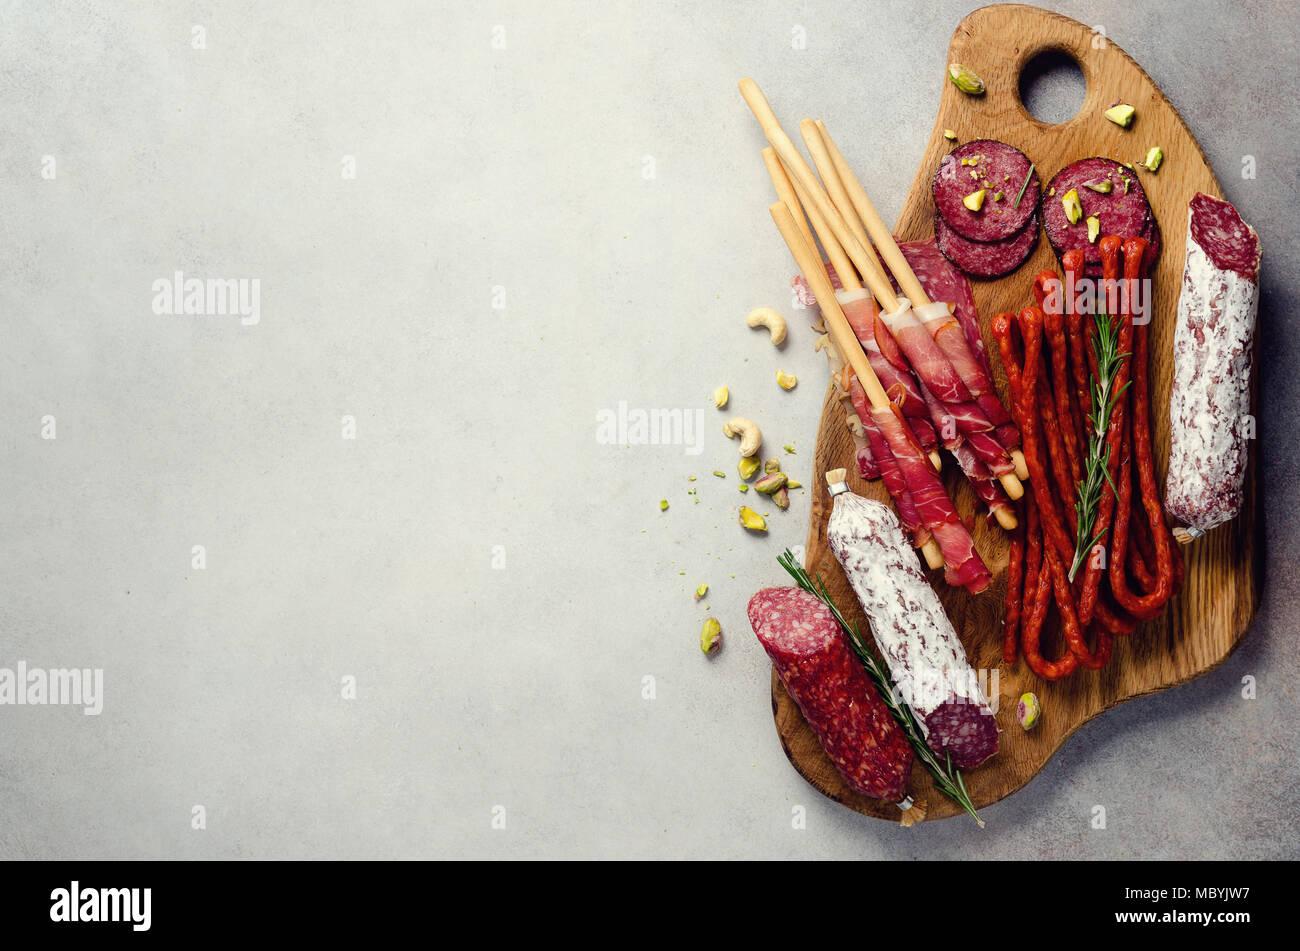 Antipasto placa con carne, aceitunas, grissini Bread Sticks en hormigón gris de fondo. Vista superior, espacio de copia, laicos plana Imagen De Stock